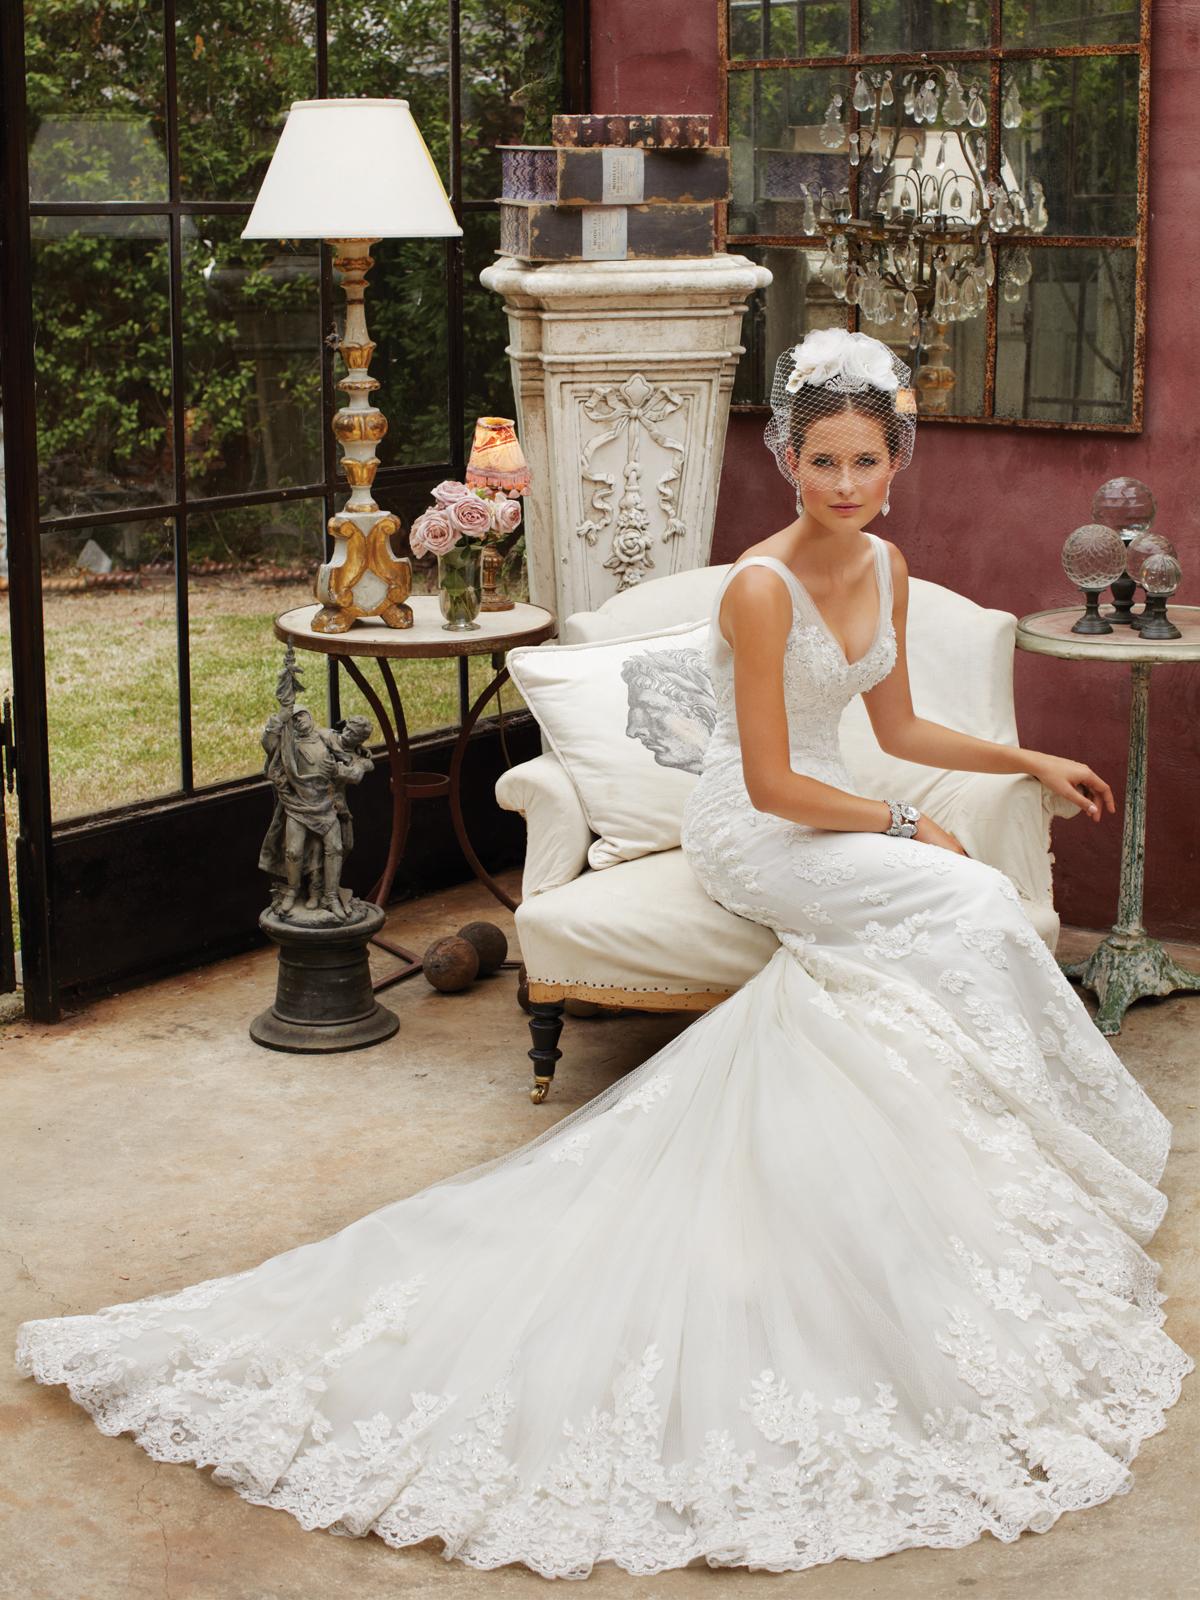 y lavender lavender wedding dress YFr